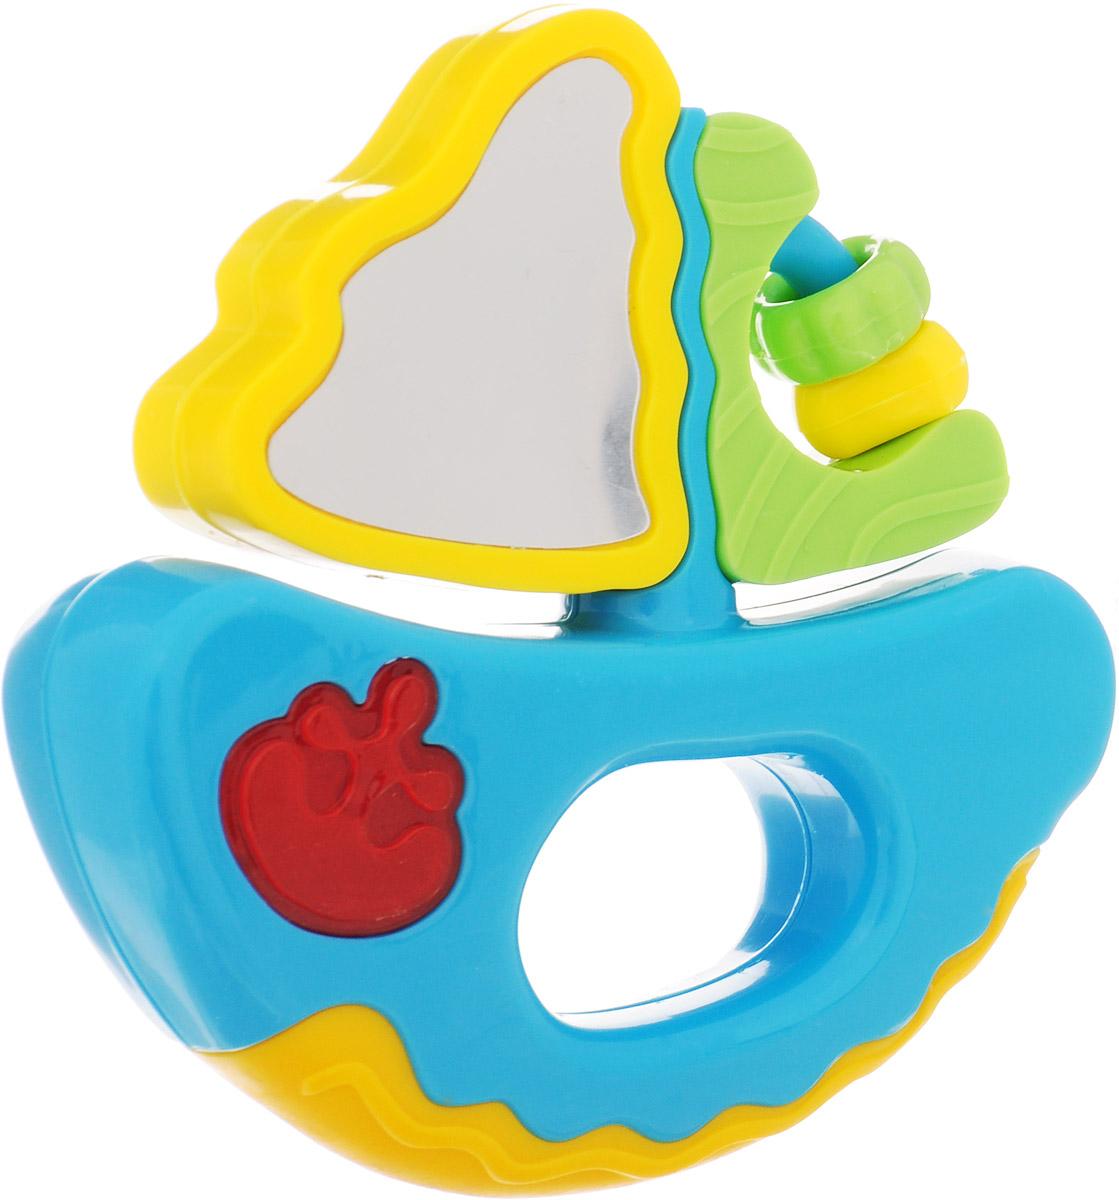 Mommy Love Развивающая игрушка Веселое путешествие Кораблик цвет голубой желтый, Dream Makers